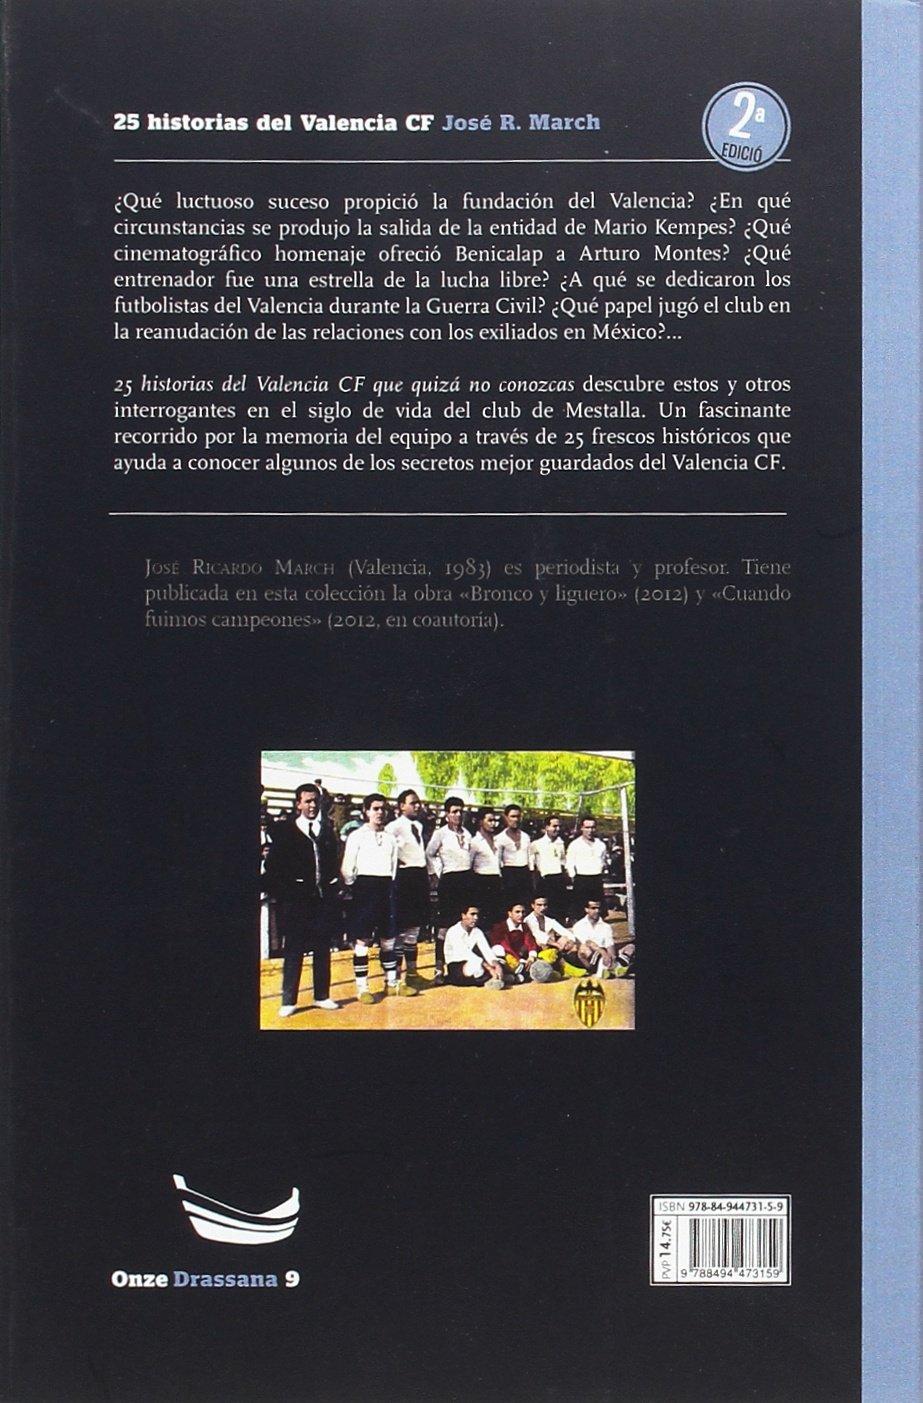 25 historias del Valencia CF que quizá no conozcas Onze: Amazon.es ...